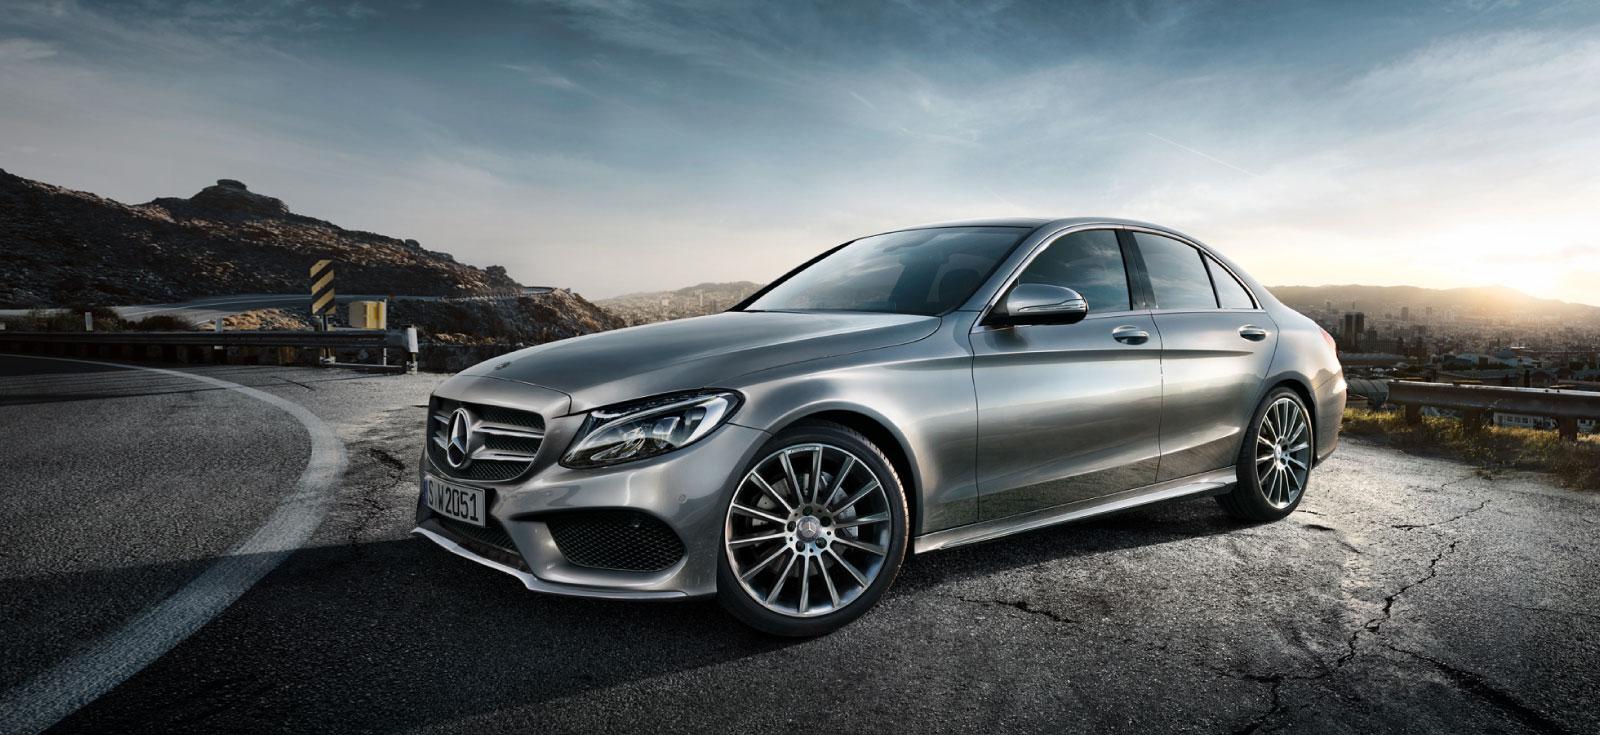 New car deals new vertu mercedes benz deals new smart for Mercedes benz promotions